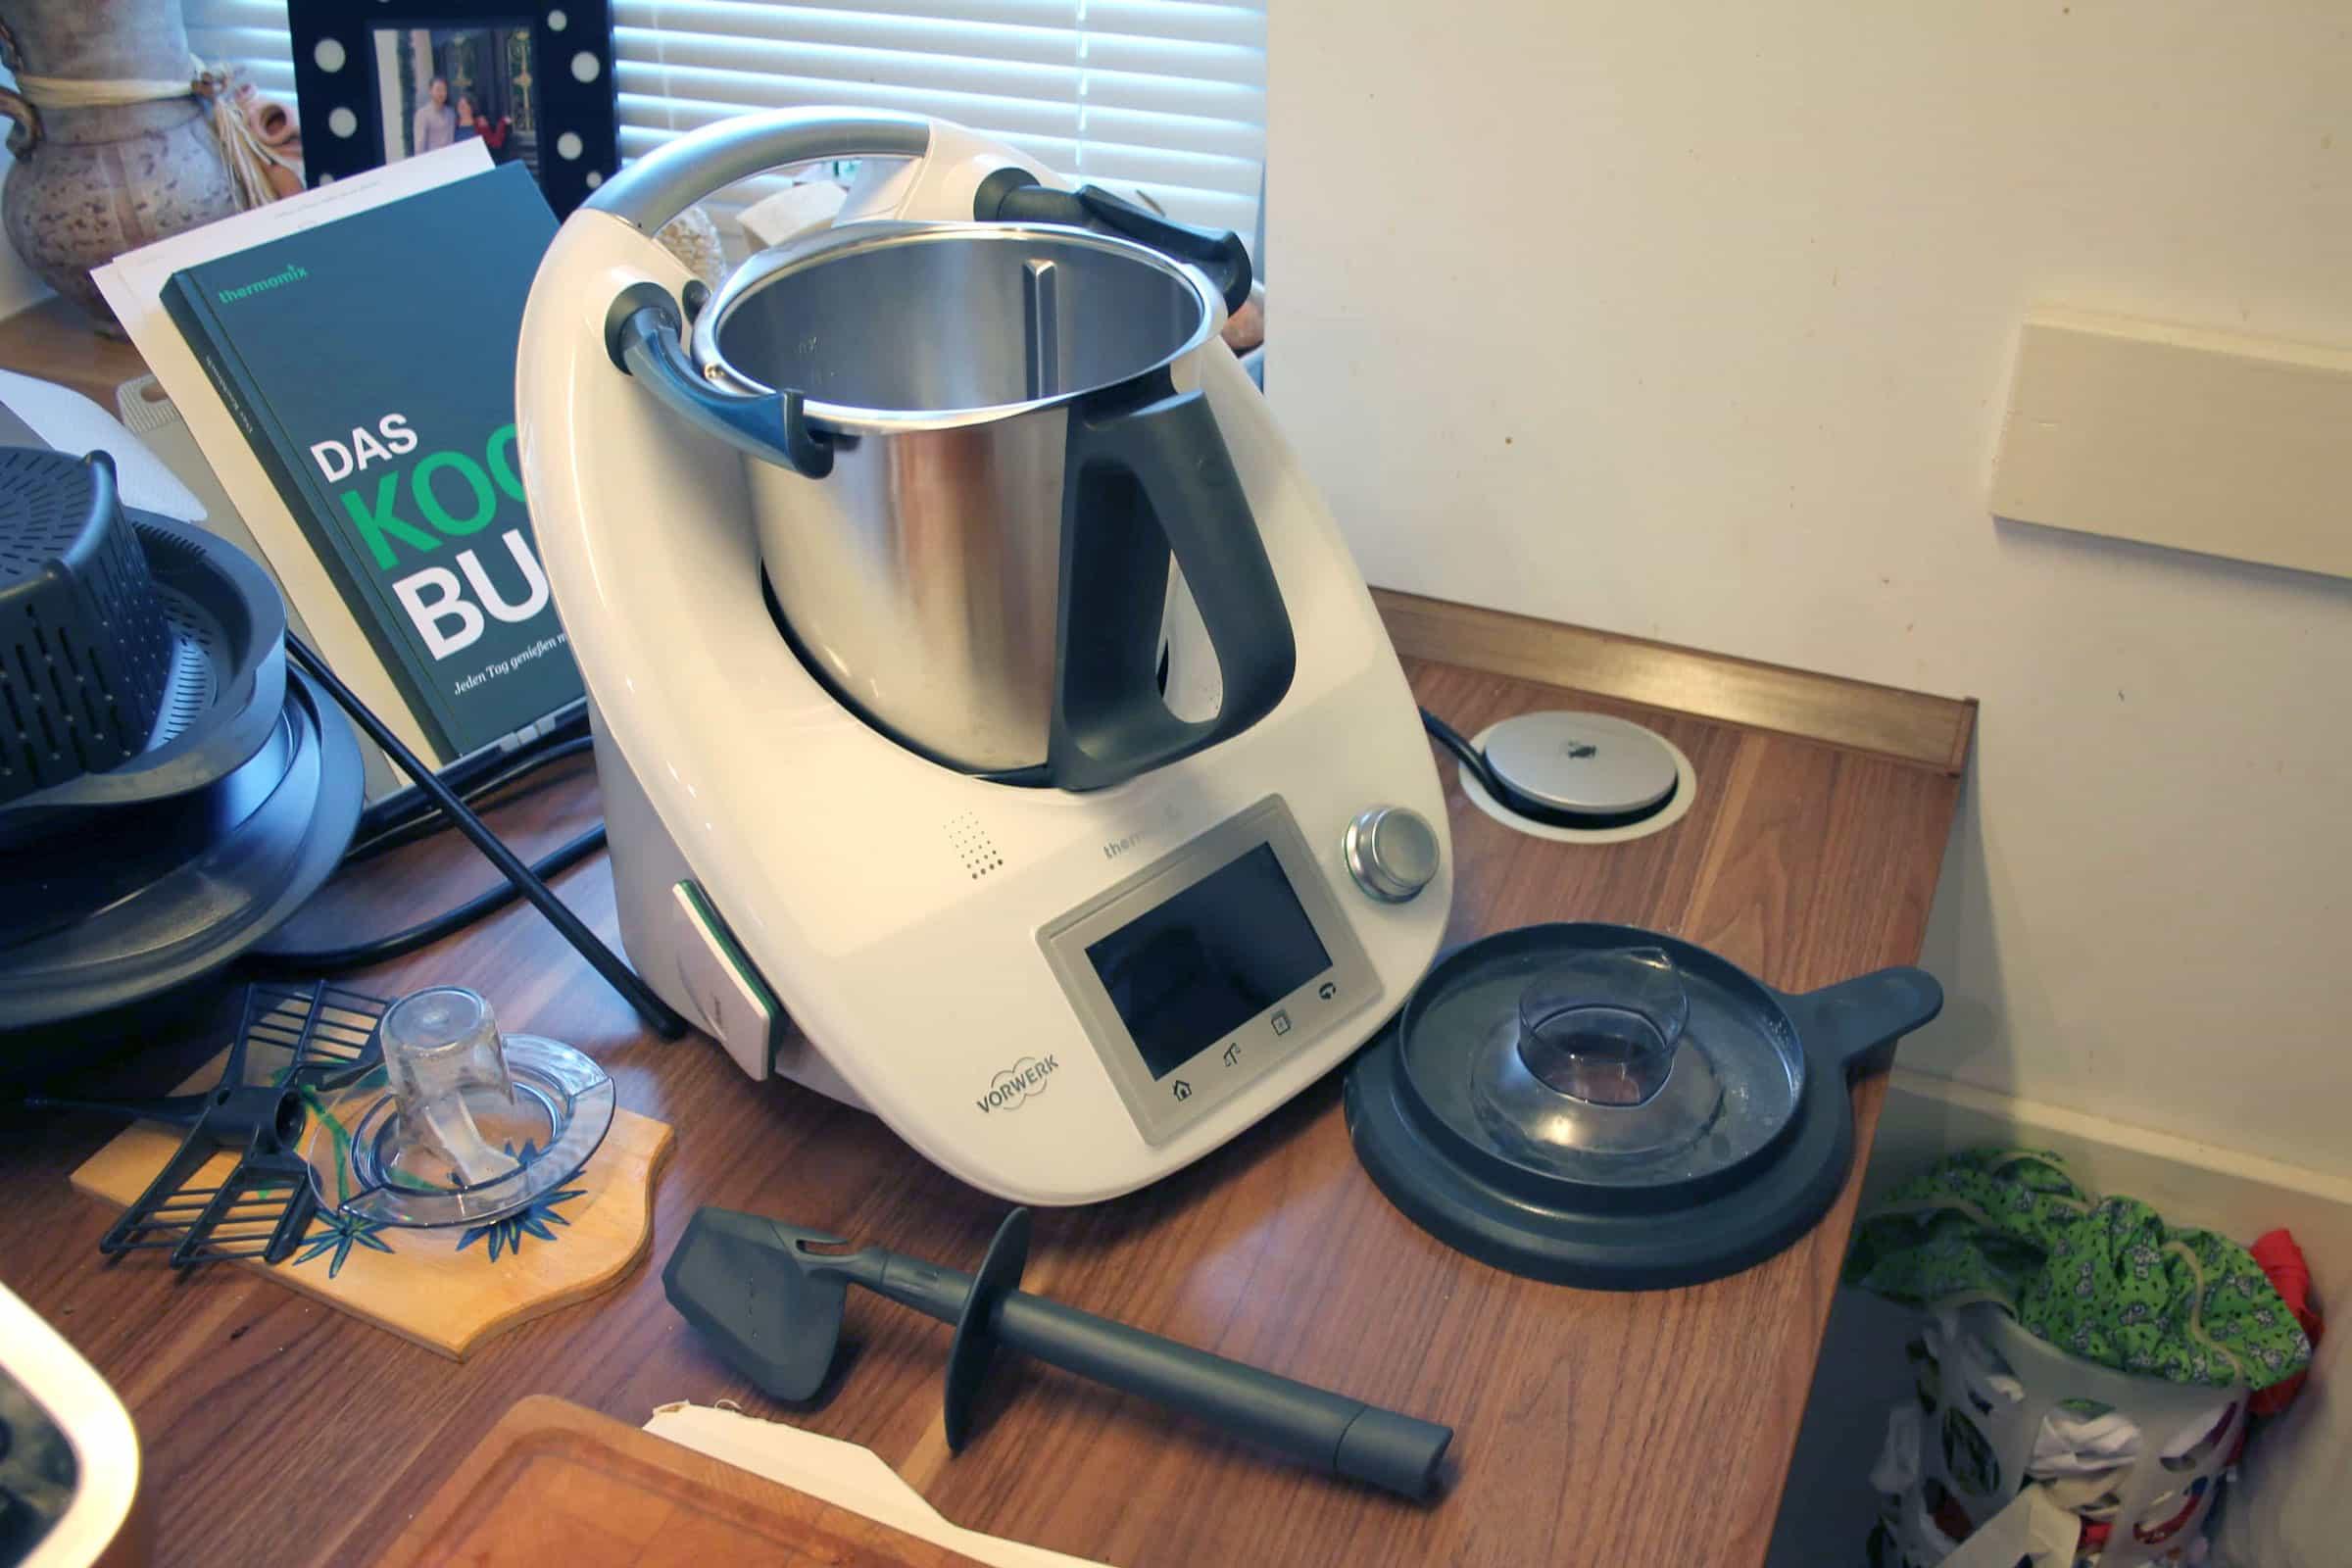 Test Küchenmaschinen  Nützlich oder nur teuer Küchenmaschinen mit Kochfunktion